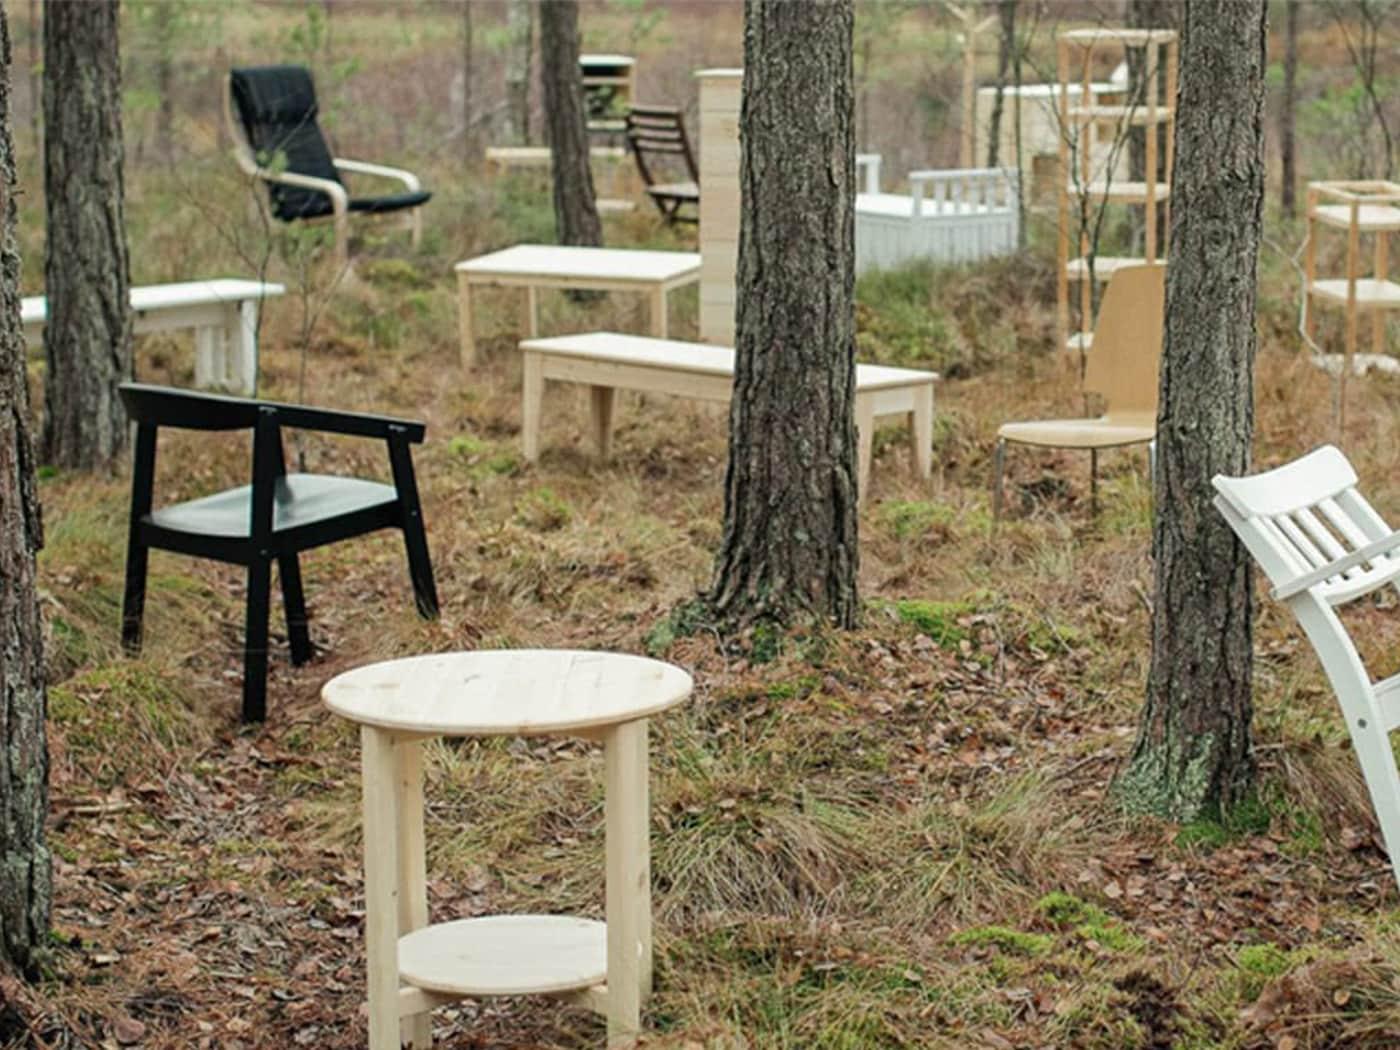 Fehér, fekete és világos fa asztalok és székek az erdőben, megújuló anyagaink egyik forrásában.